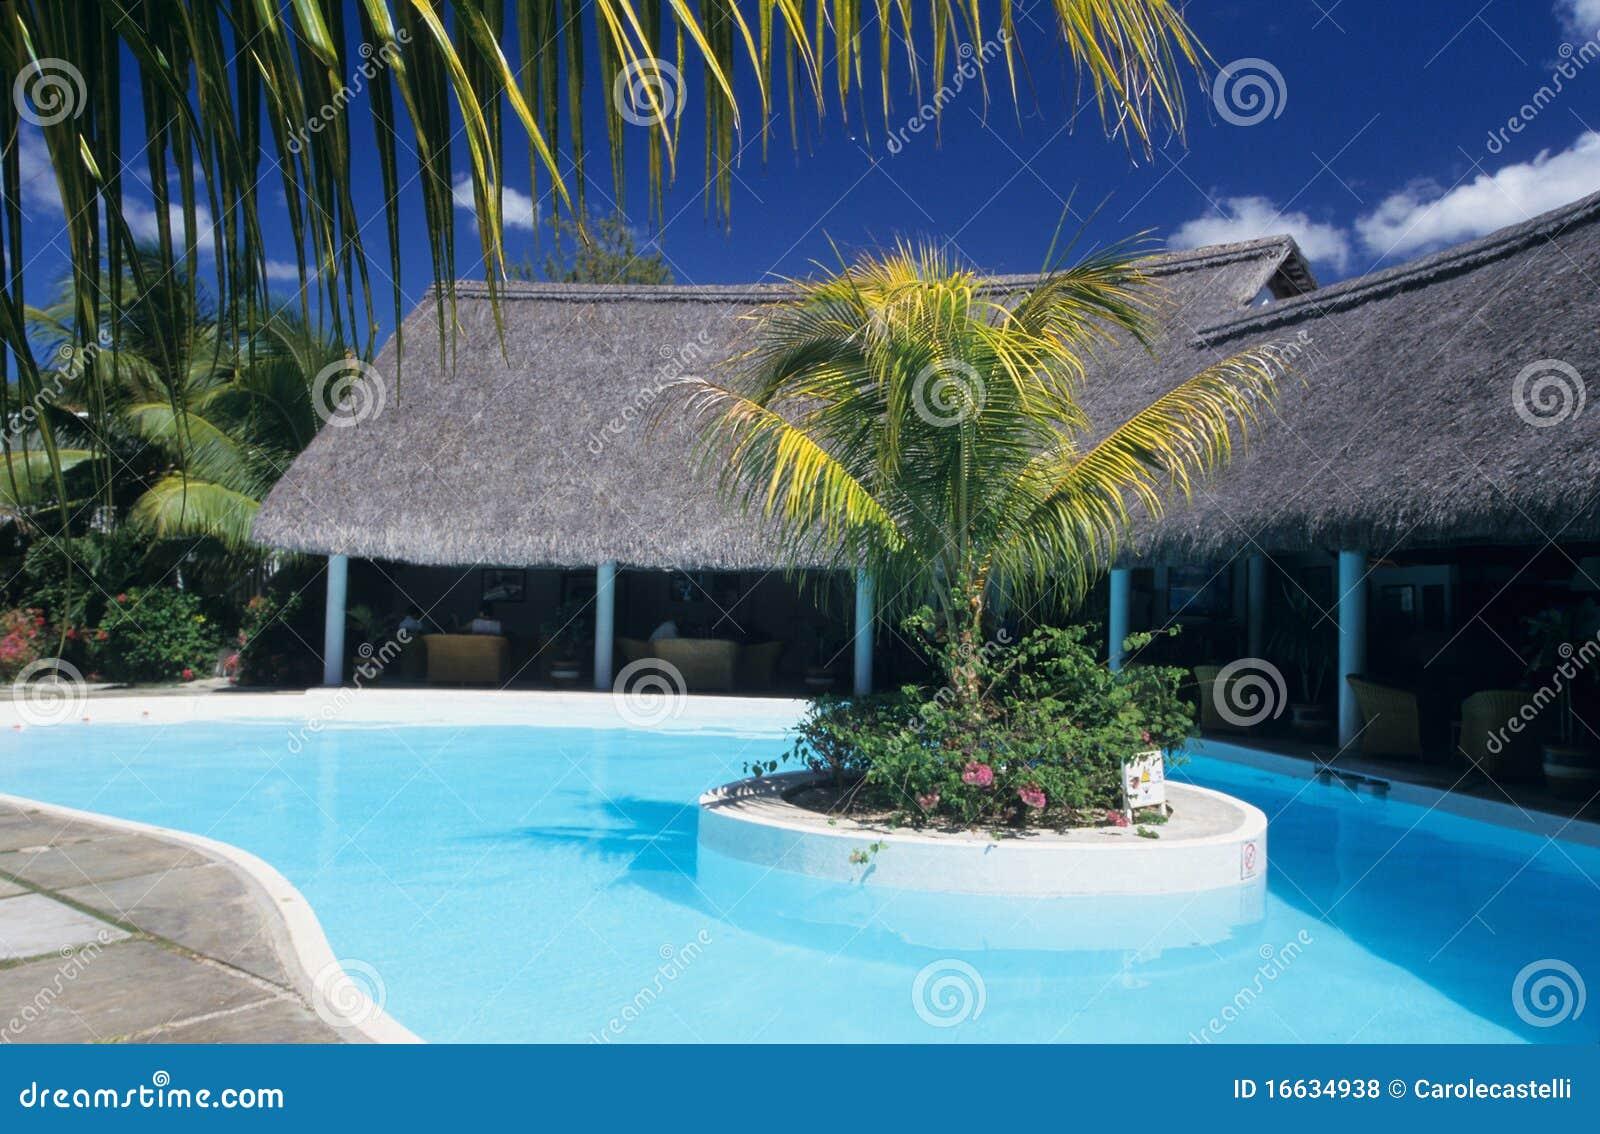 Swimming pool in hotel mauritius island royalty free stock for Swimming pool mauritius